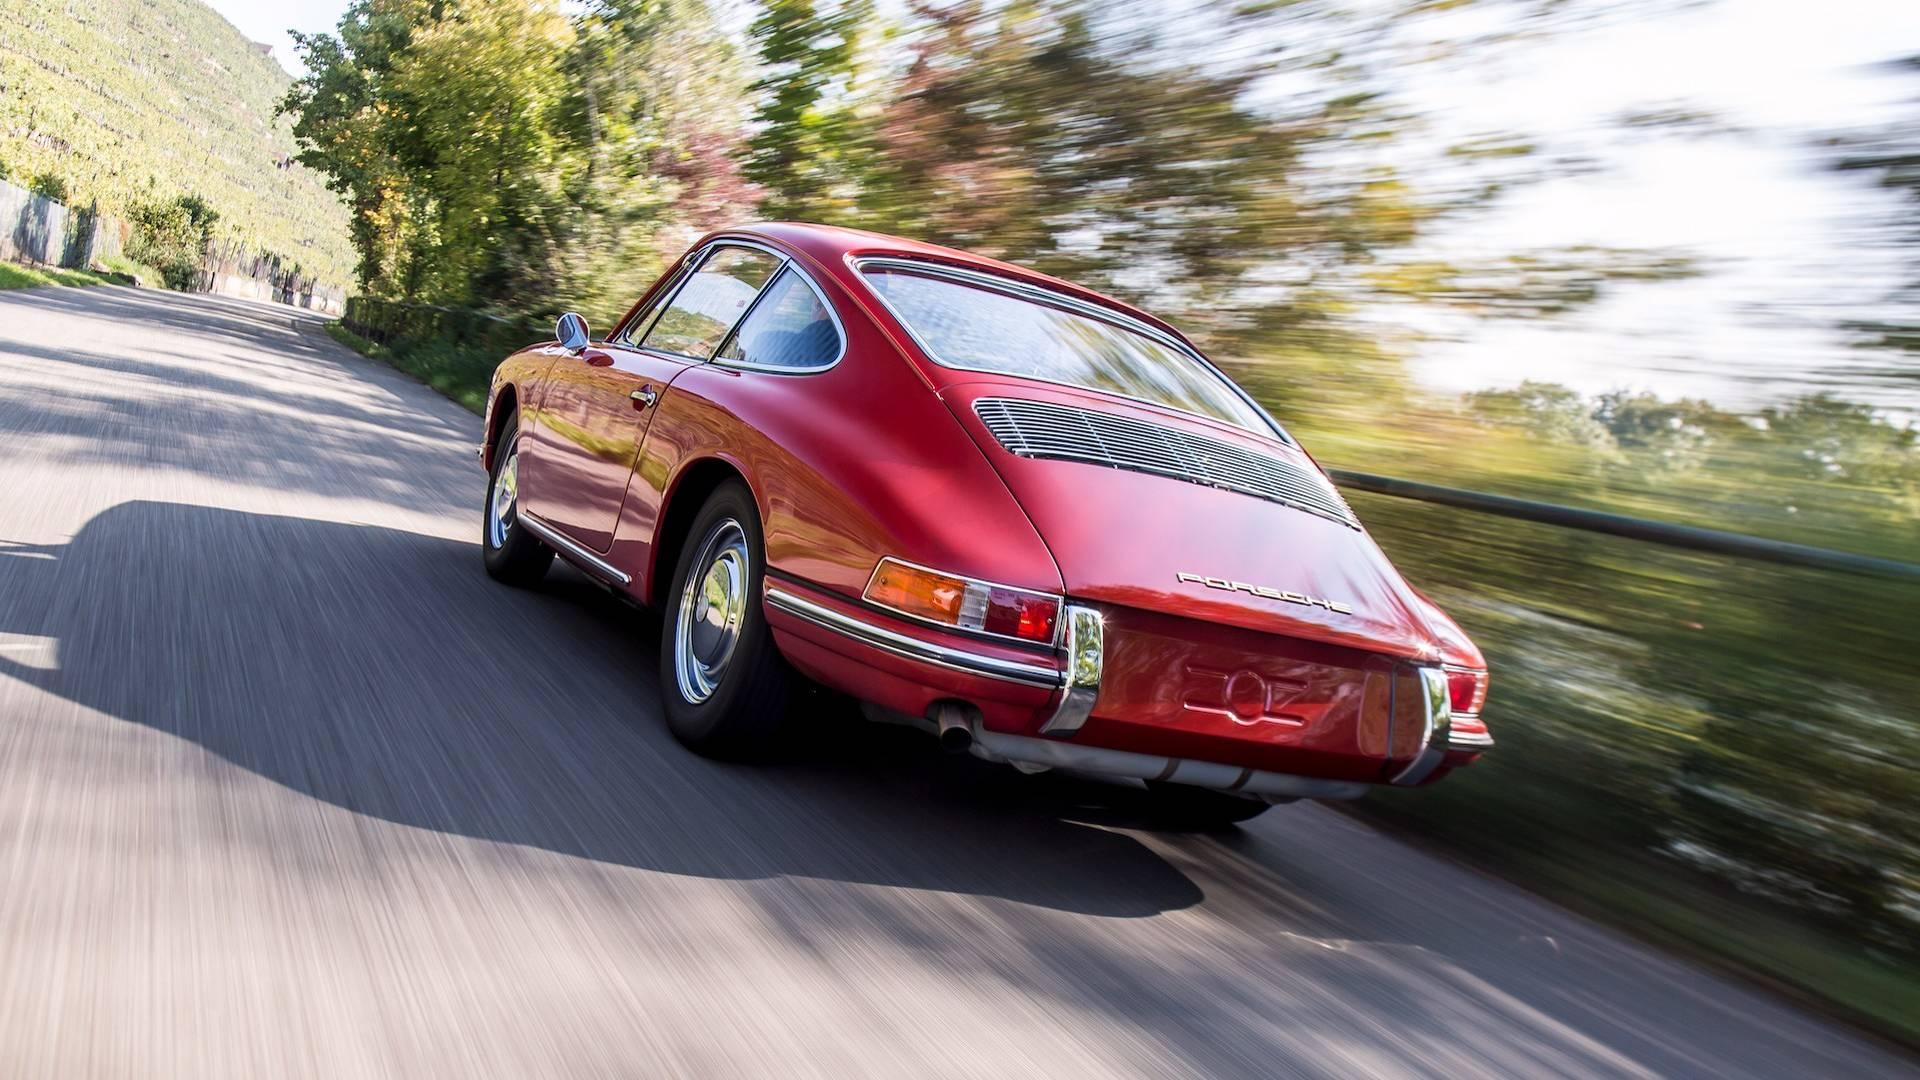 Porsche 901 911 restoration porsche museum (18)